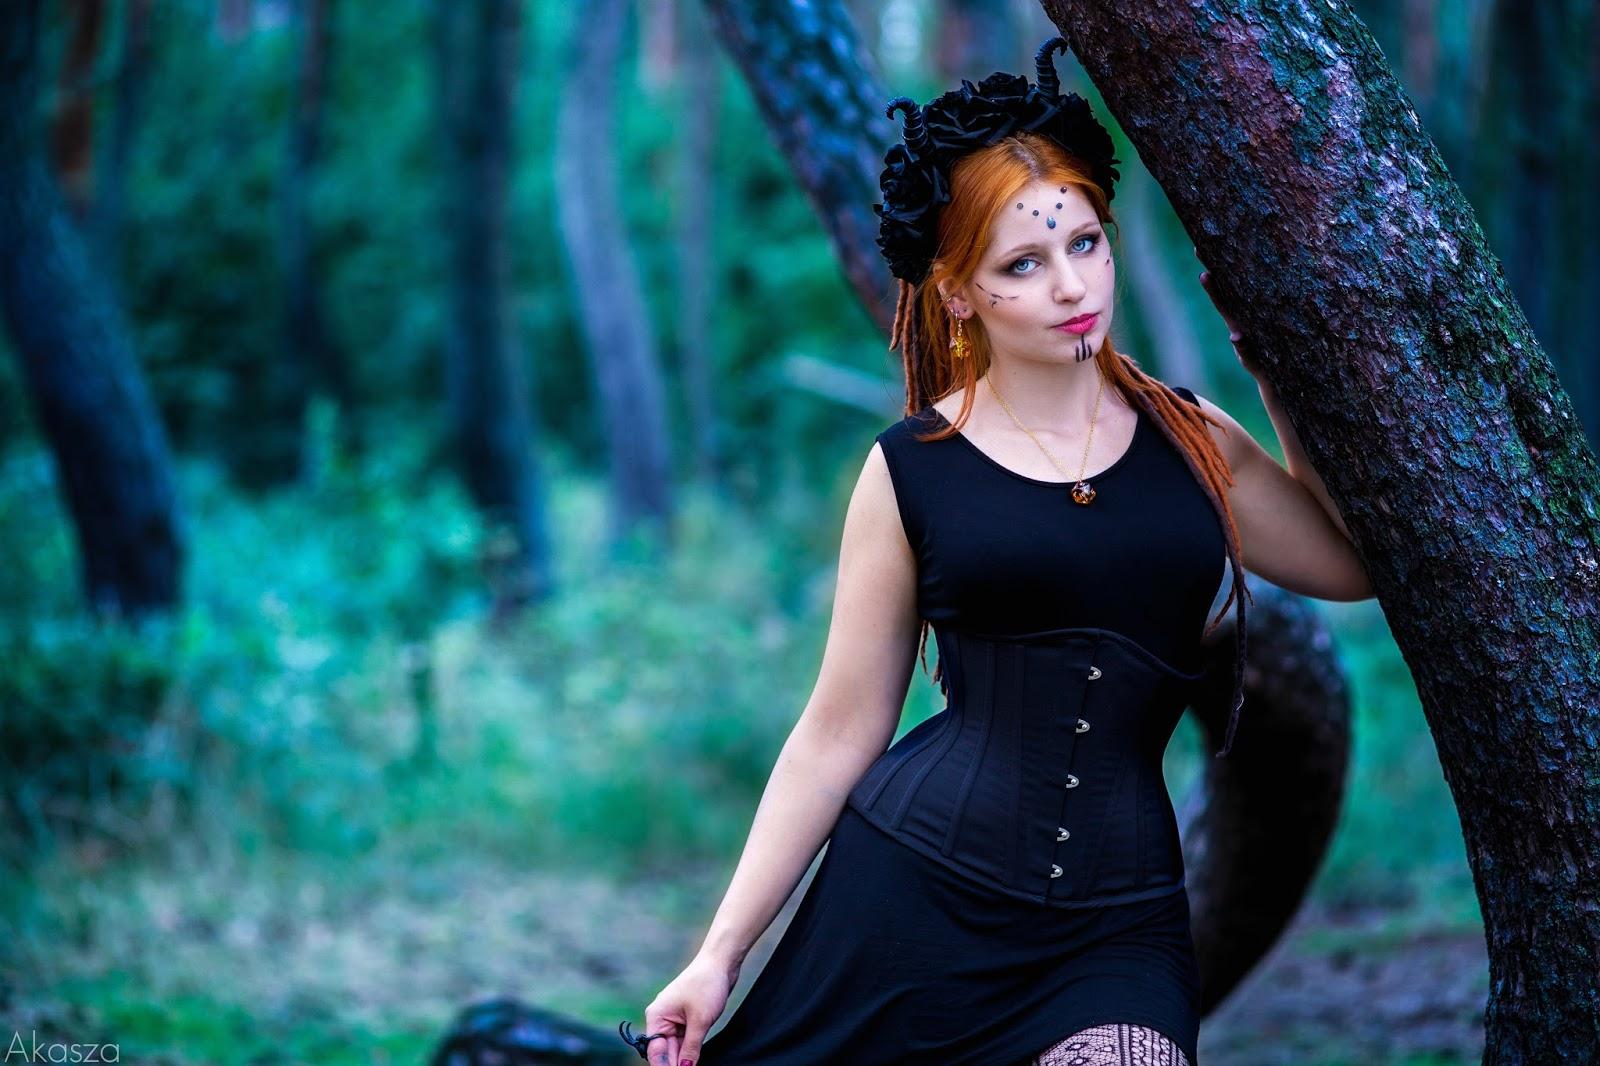 Wiedźmy w lesie część 2 - portrety.